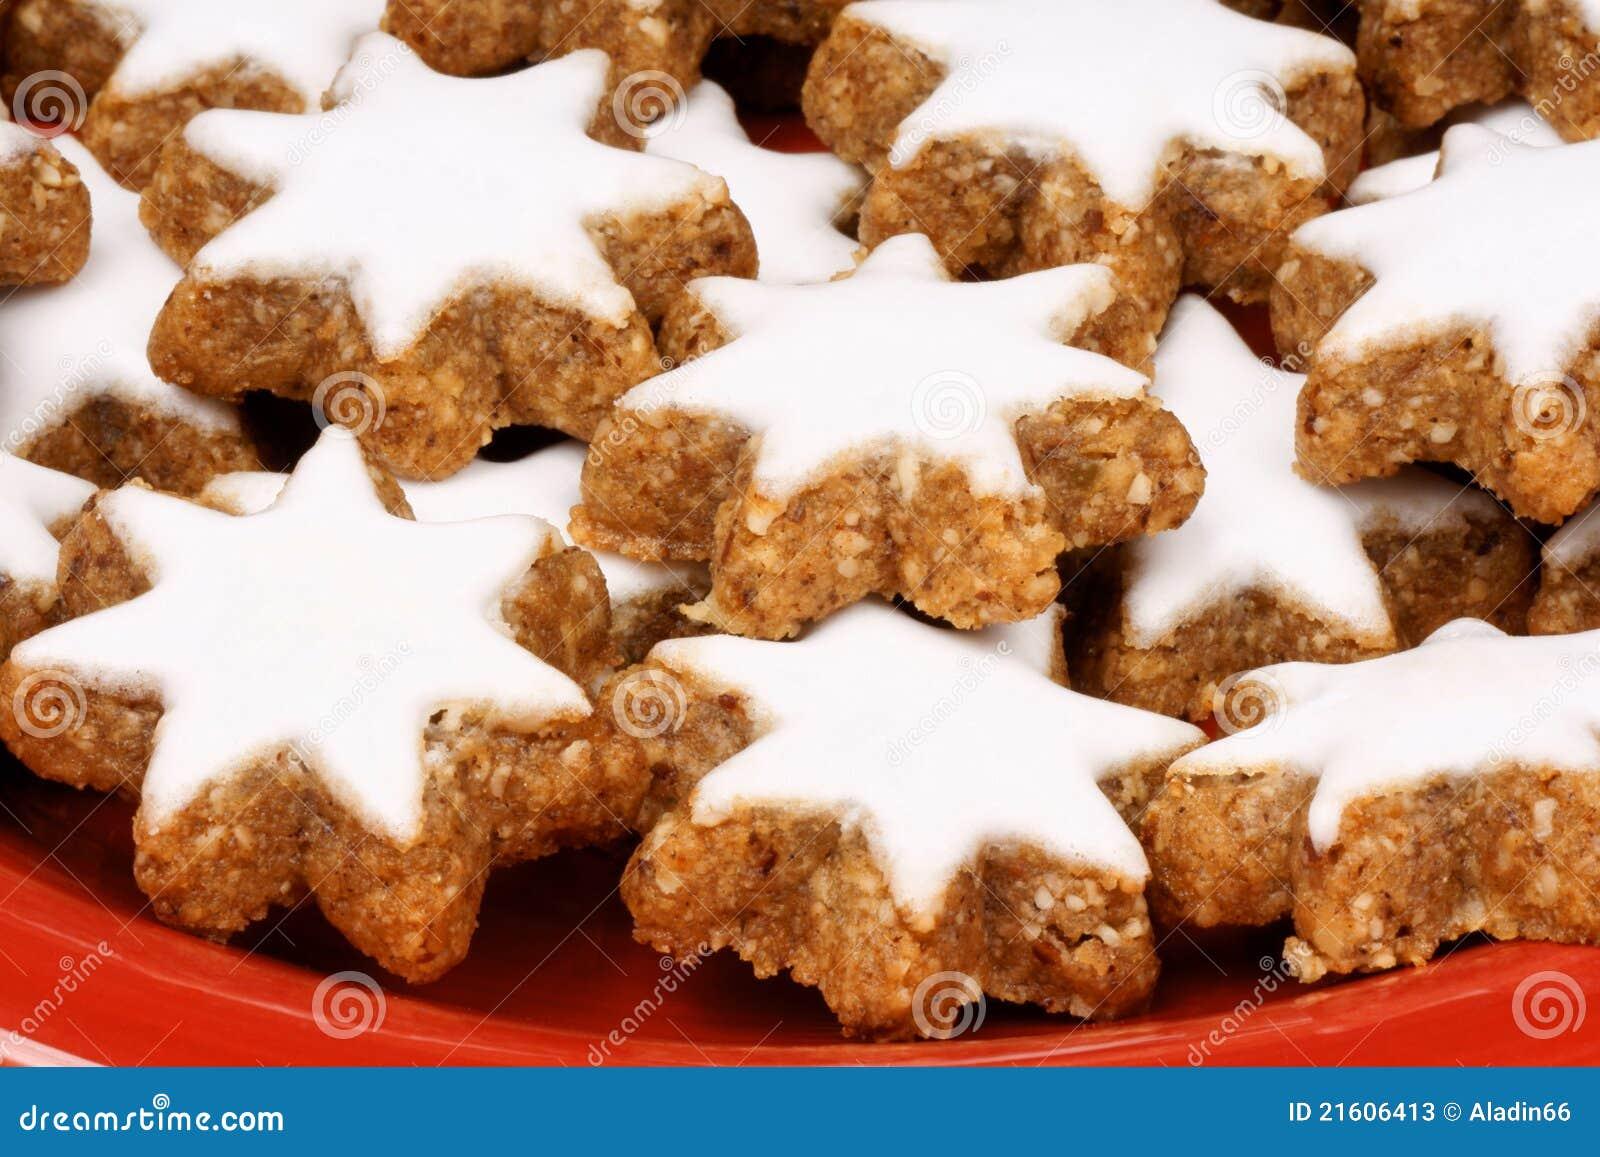 Biscotti Di Natale Zimtsterne.Biscotti Della Stella Della Cannella Zimtsterne Immagine Stock Immagine Di Natale Studio 21606413